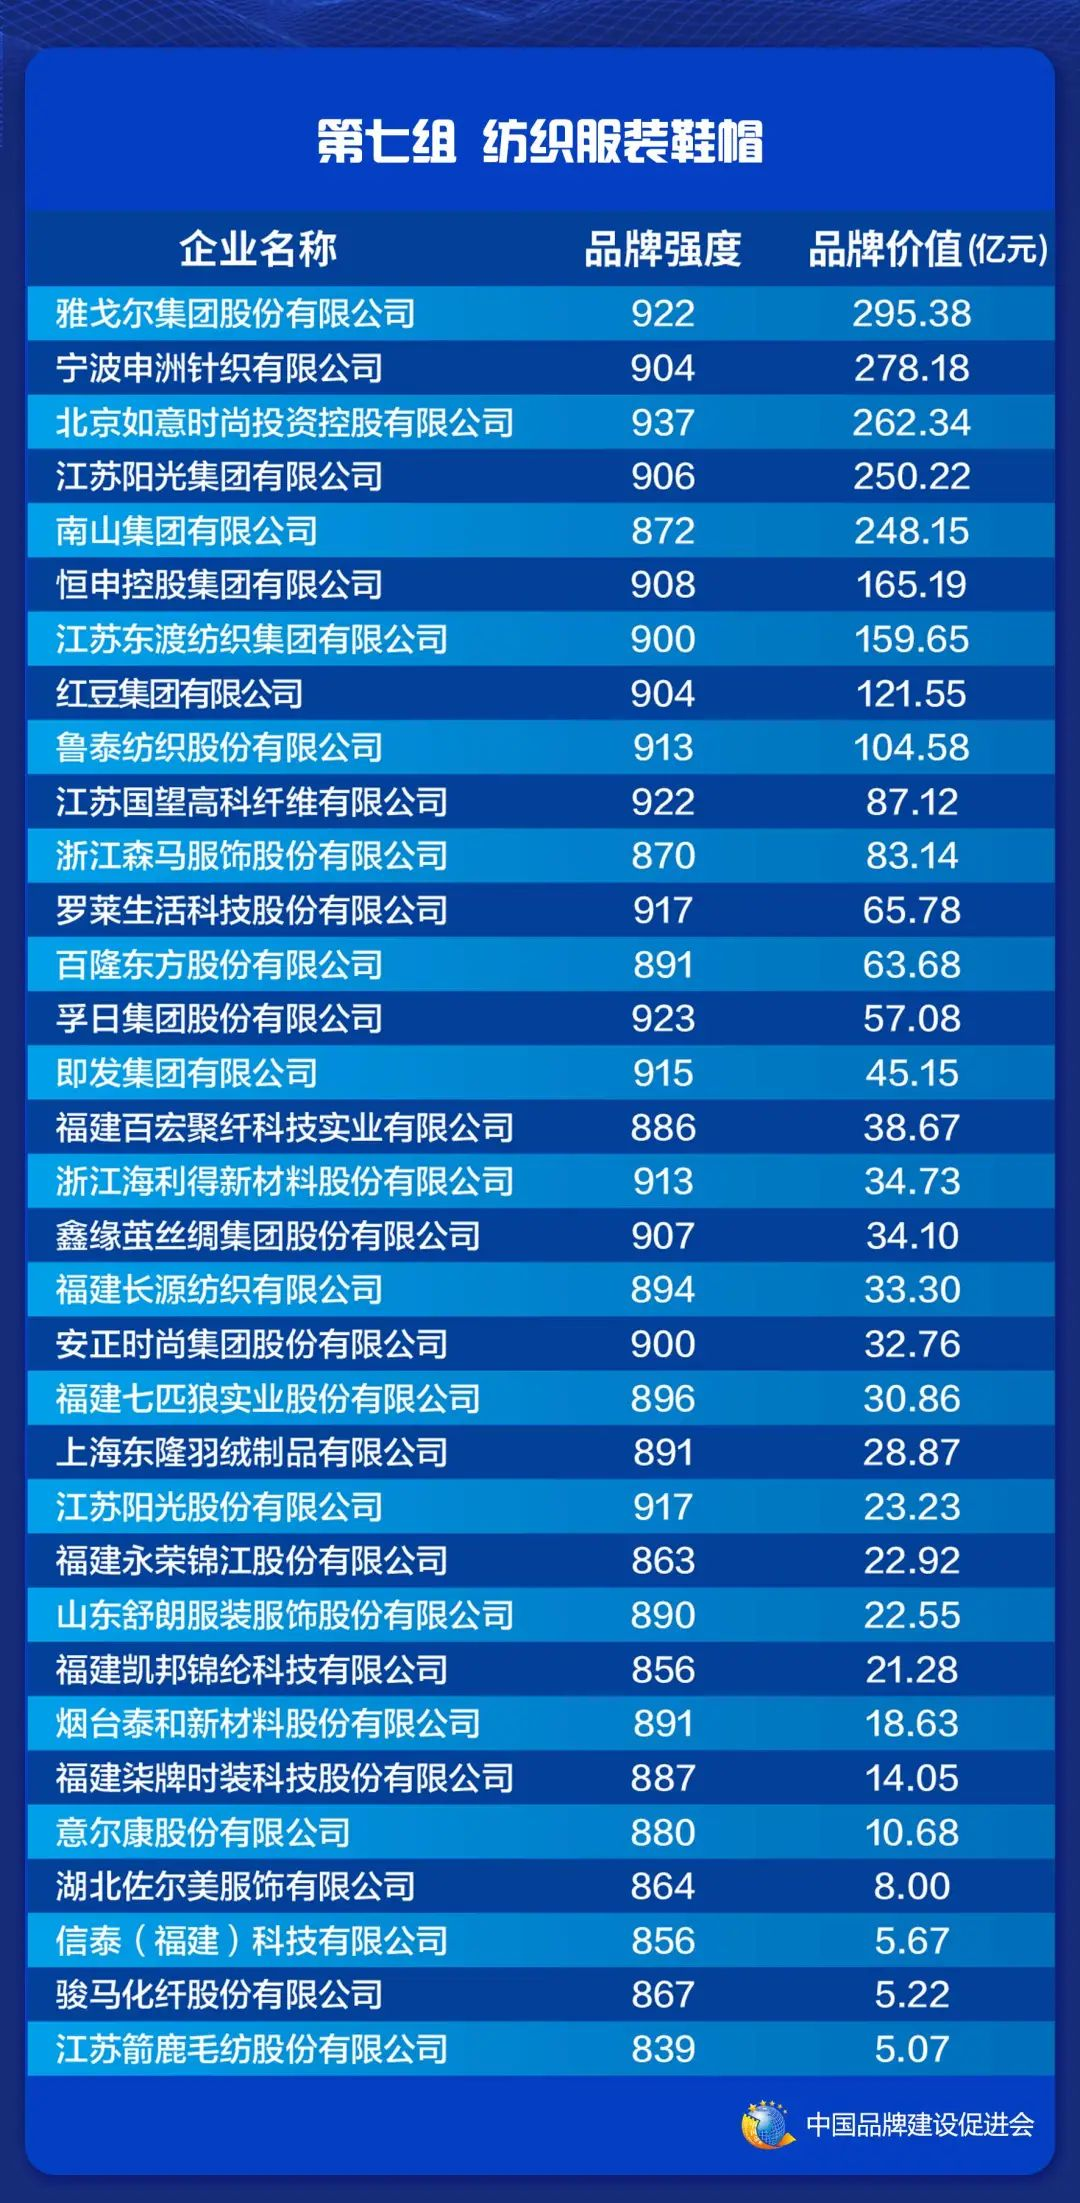 2021中国品牌价值评价信息在上海发布(图9)